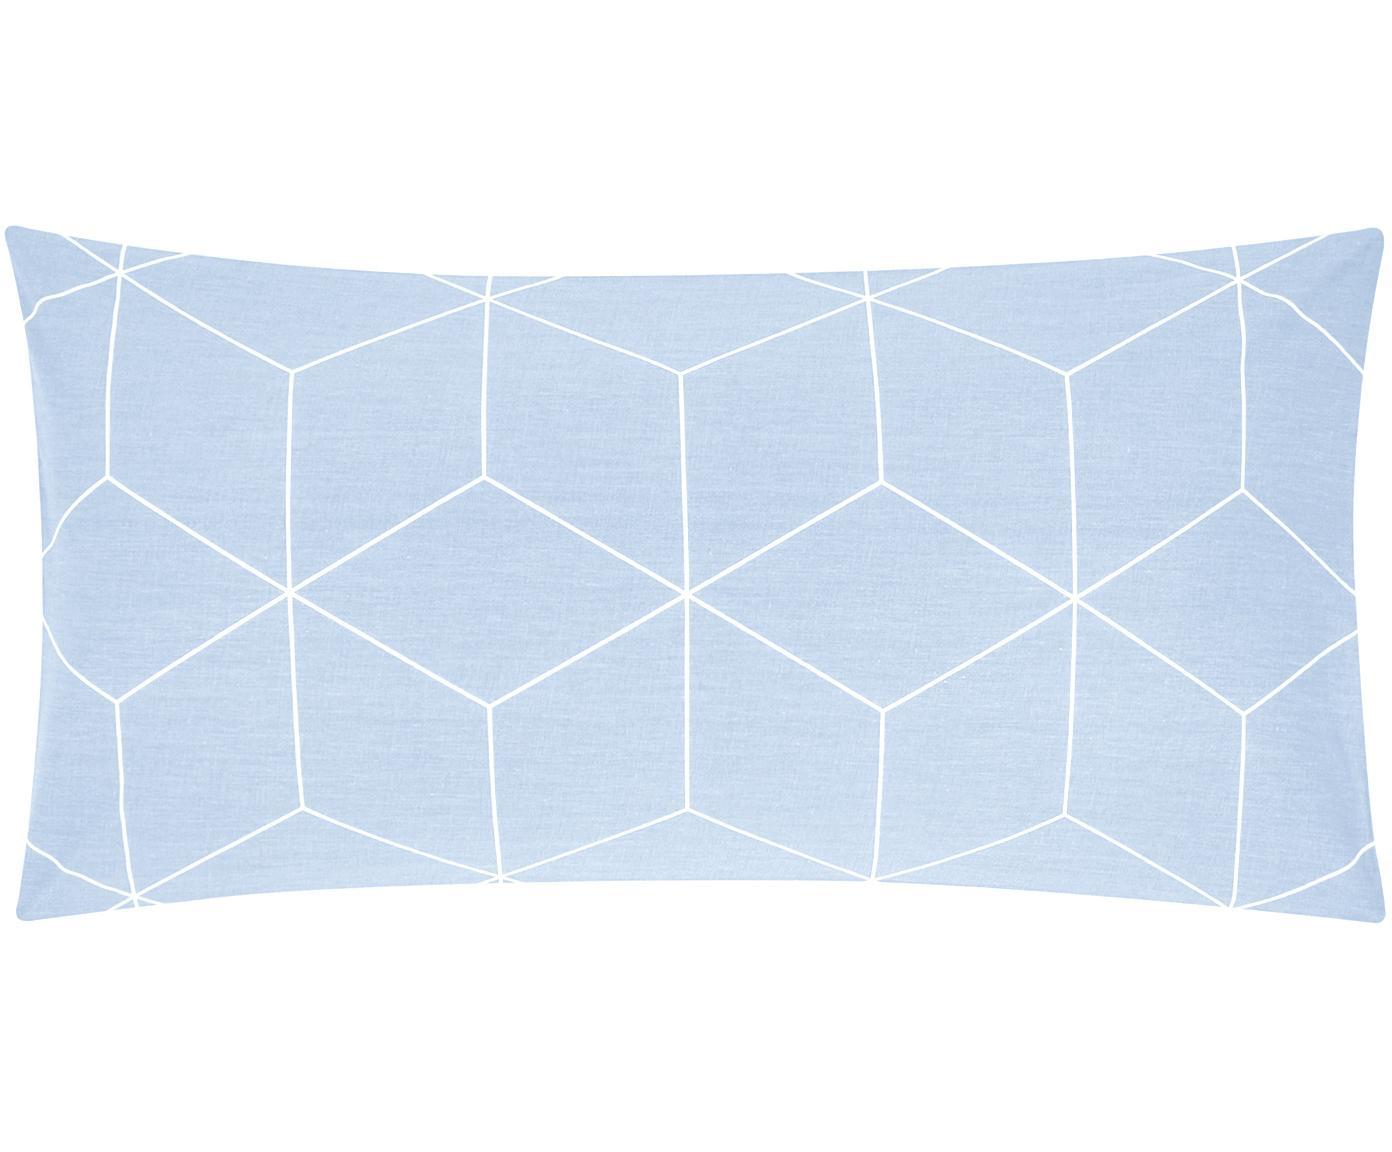 Baumwoll-Kissenbezüge Lynn mit grafischem Muster, 2 Stück, Webart: Renforcé Fadendichte 144 , Hellblau, Cremeweiss, 40 x 80 cm